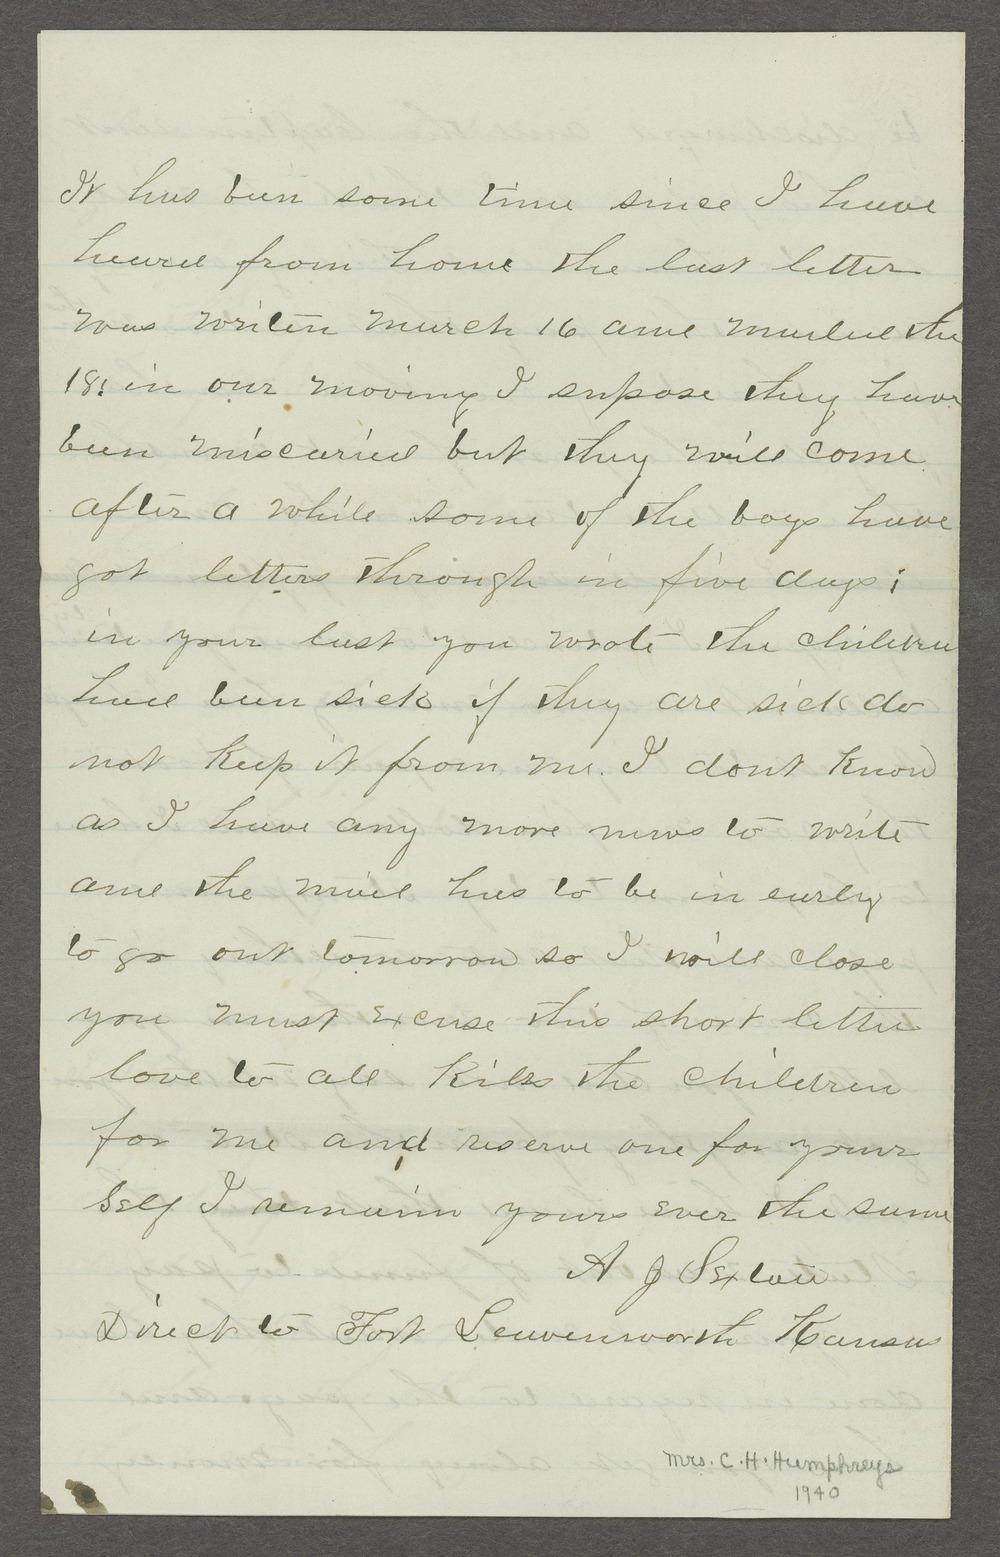 Aiken J. Sexton correspondence - 12